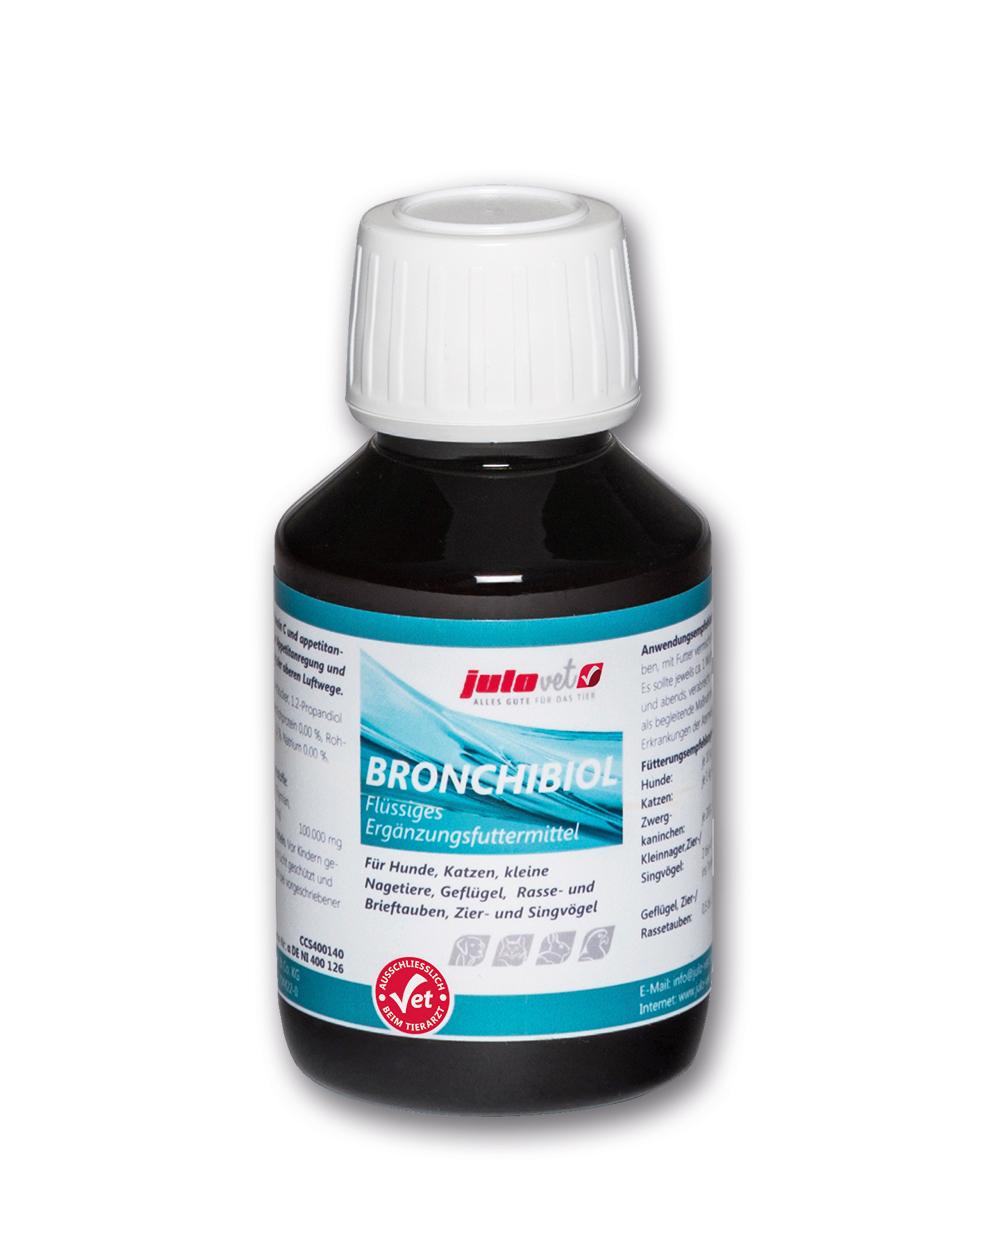 BronchiBiol